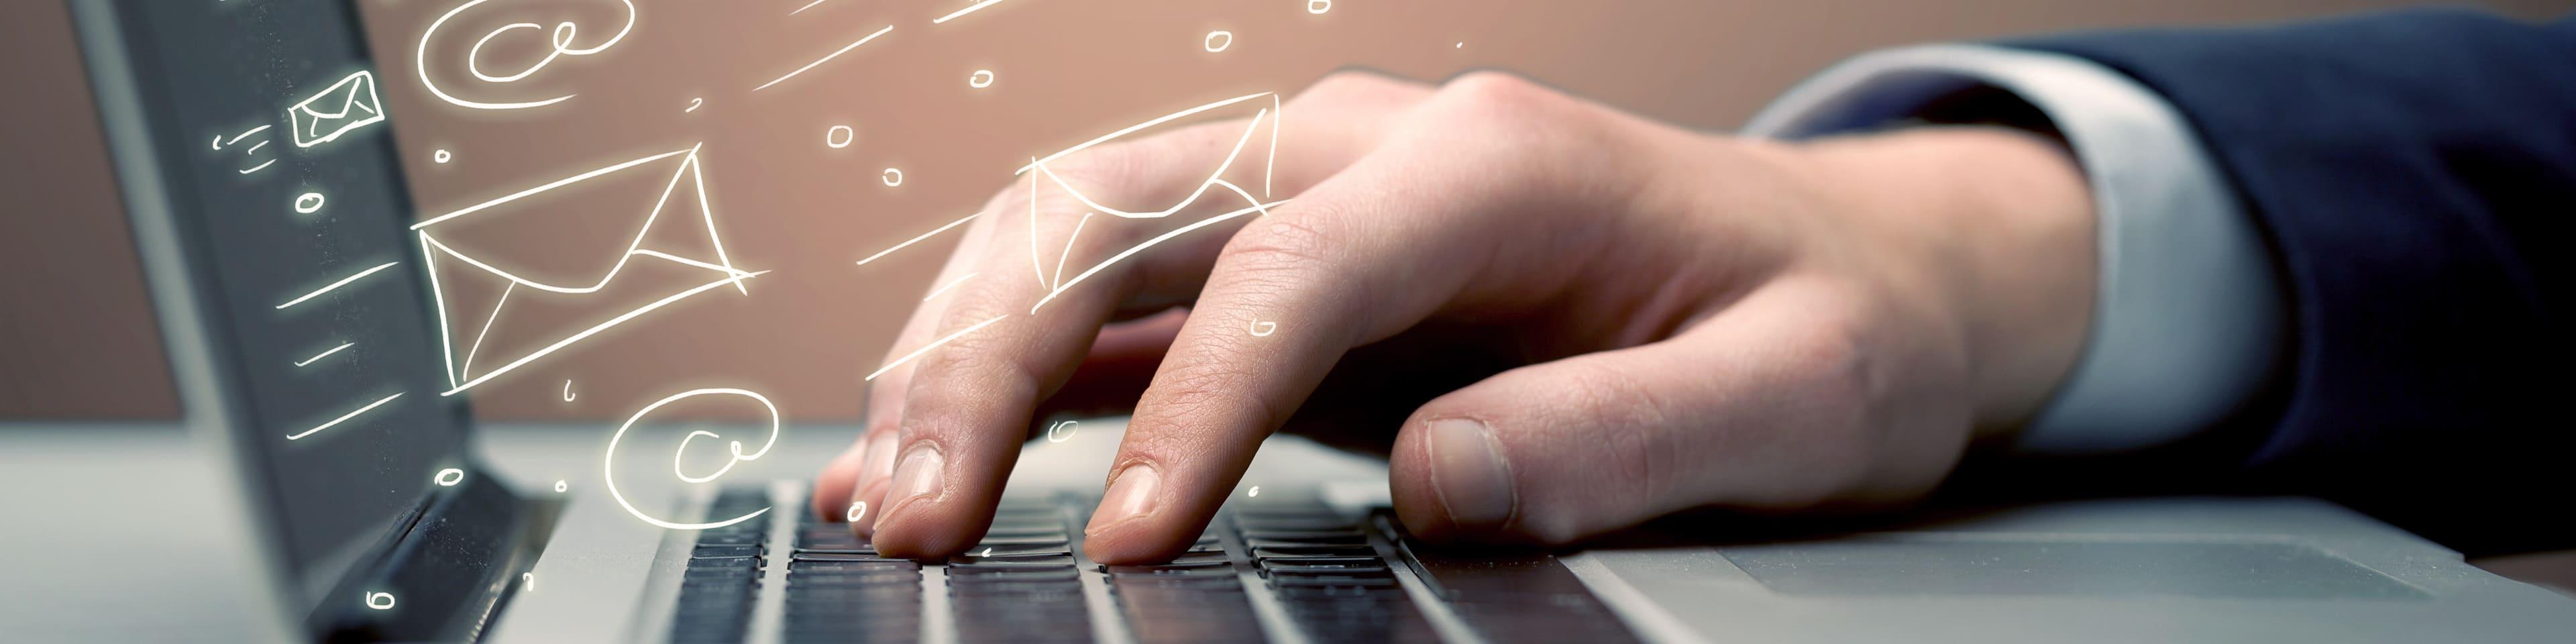 3 Möglichkeiten, das E Mail Management zu optimieren